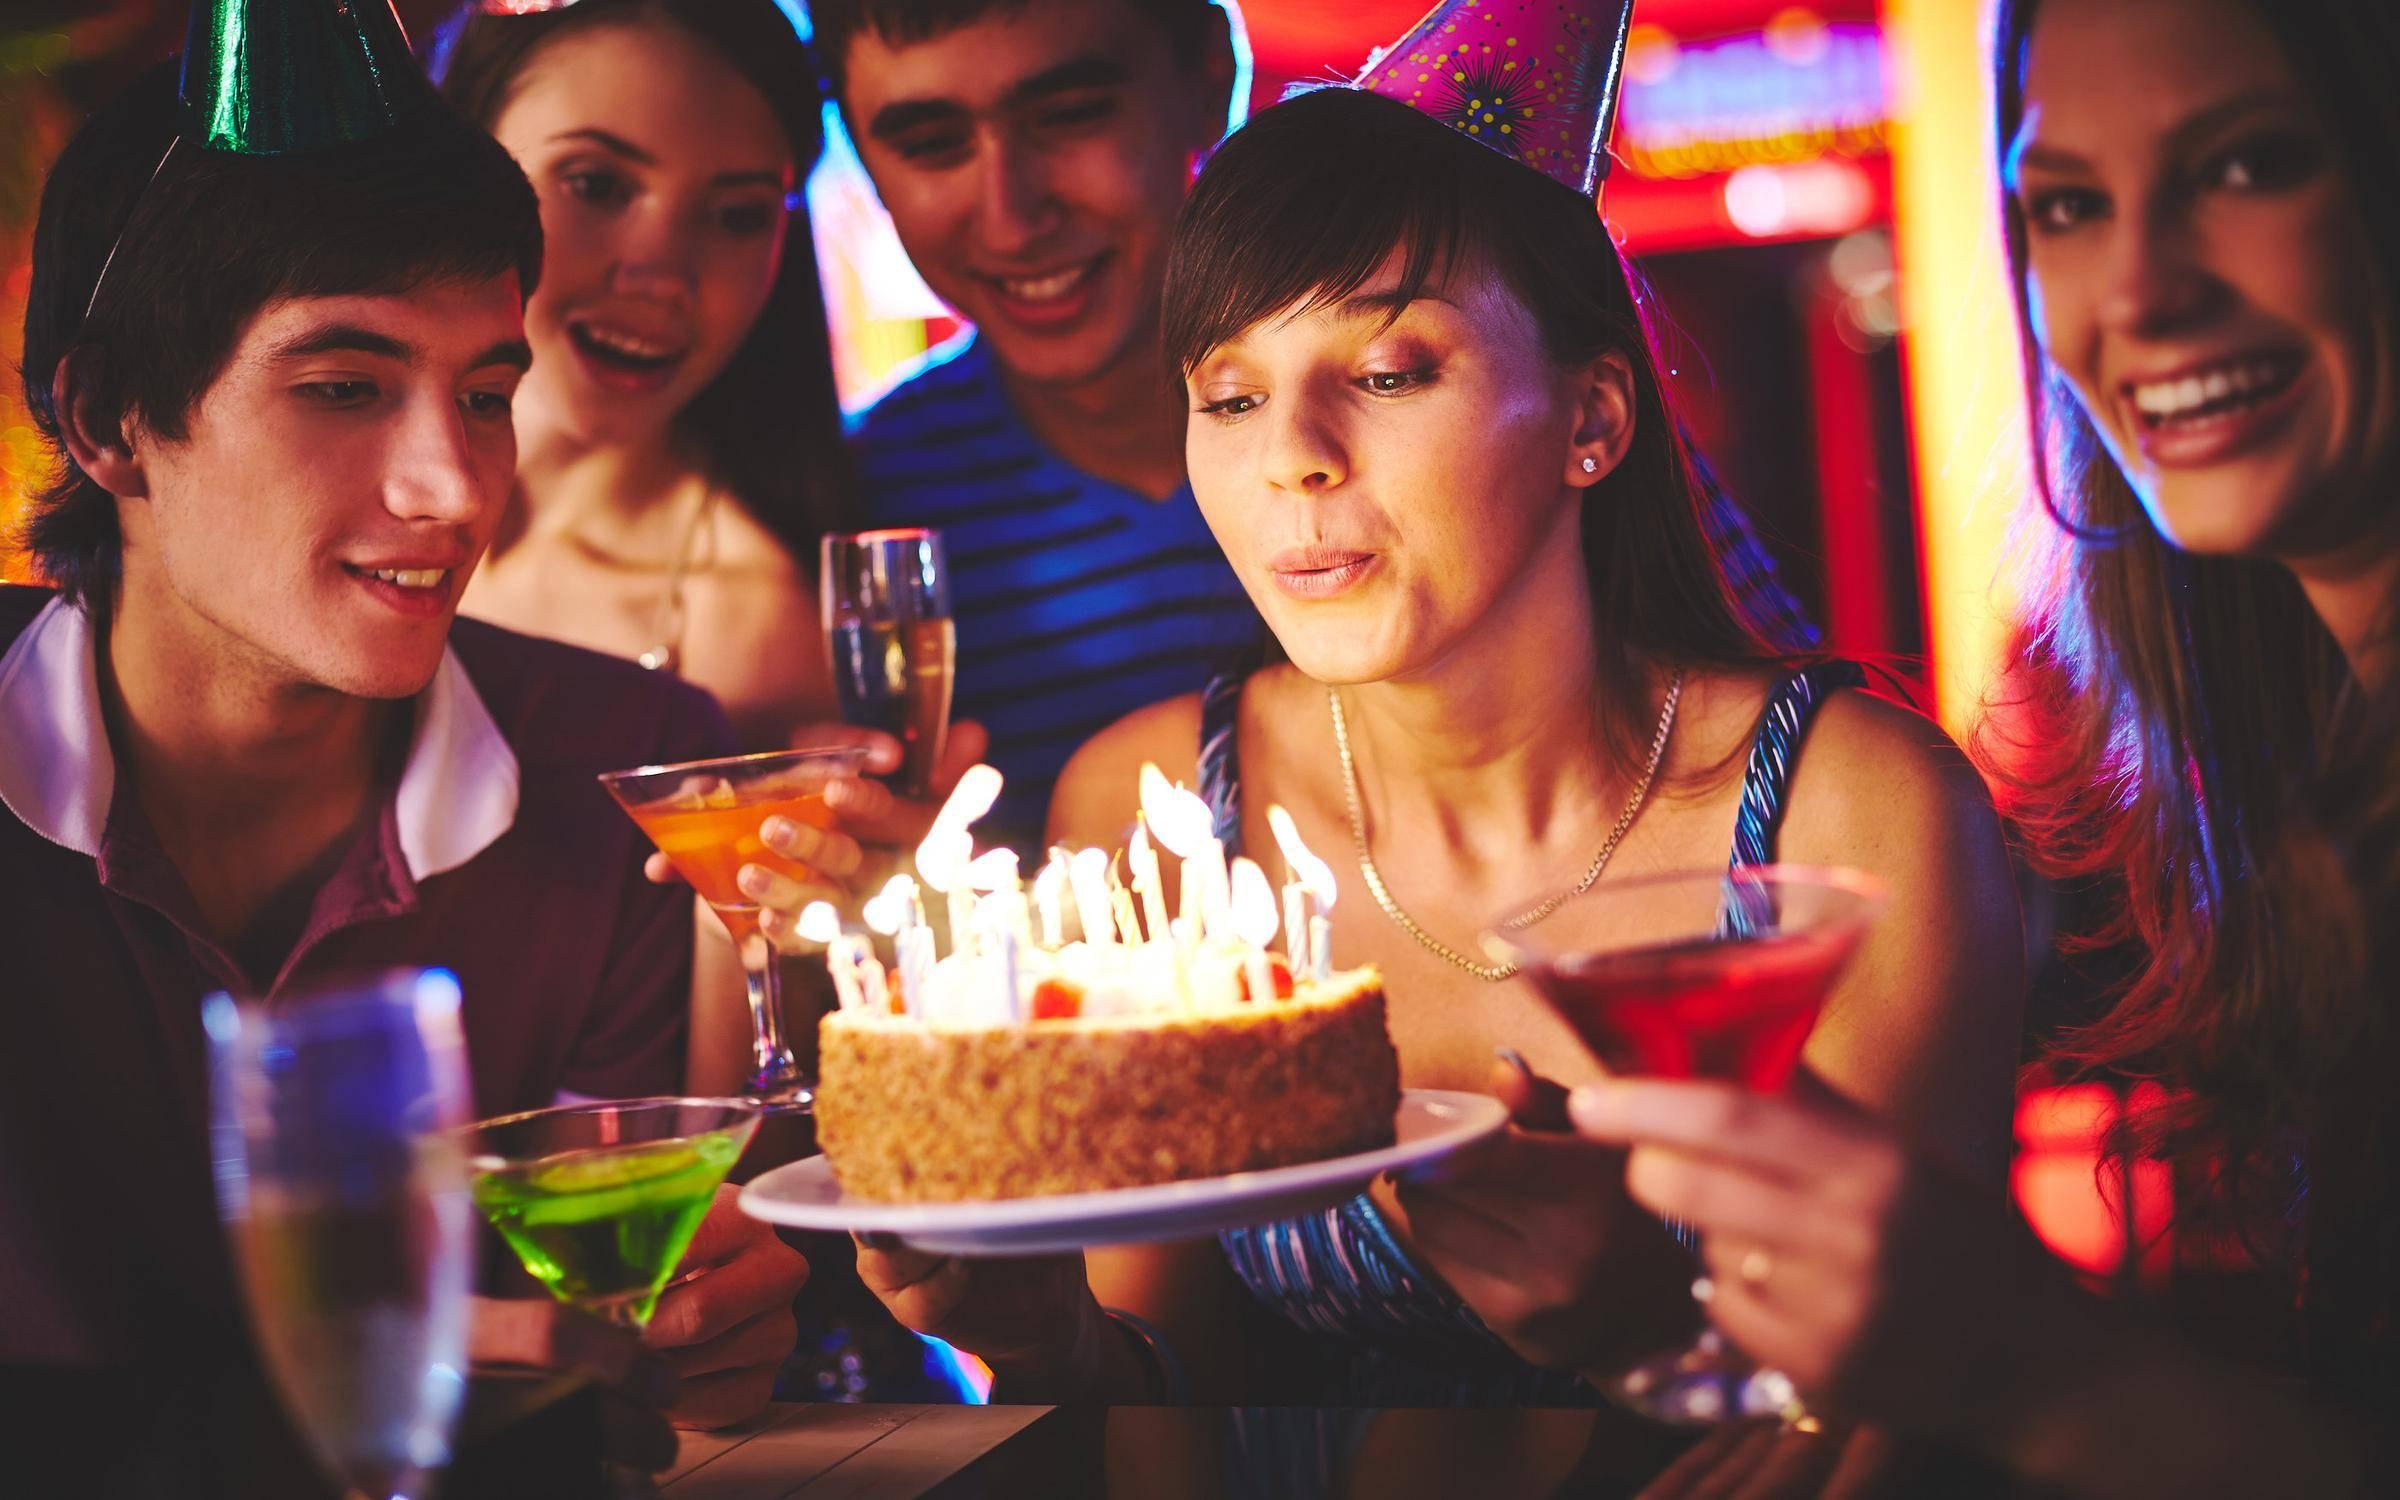 Приметы, суеверия, магия на день рождения, связанные с подарками, поздравлениями